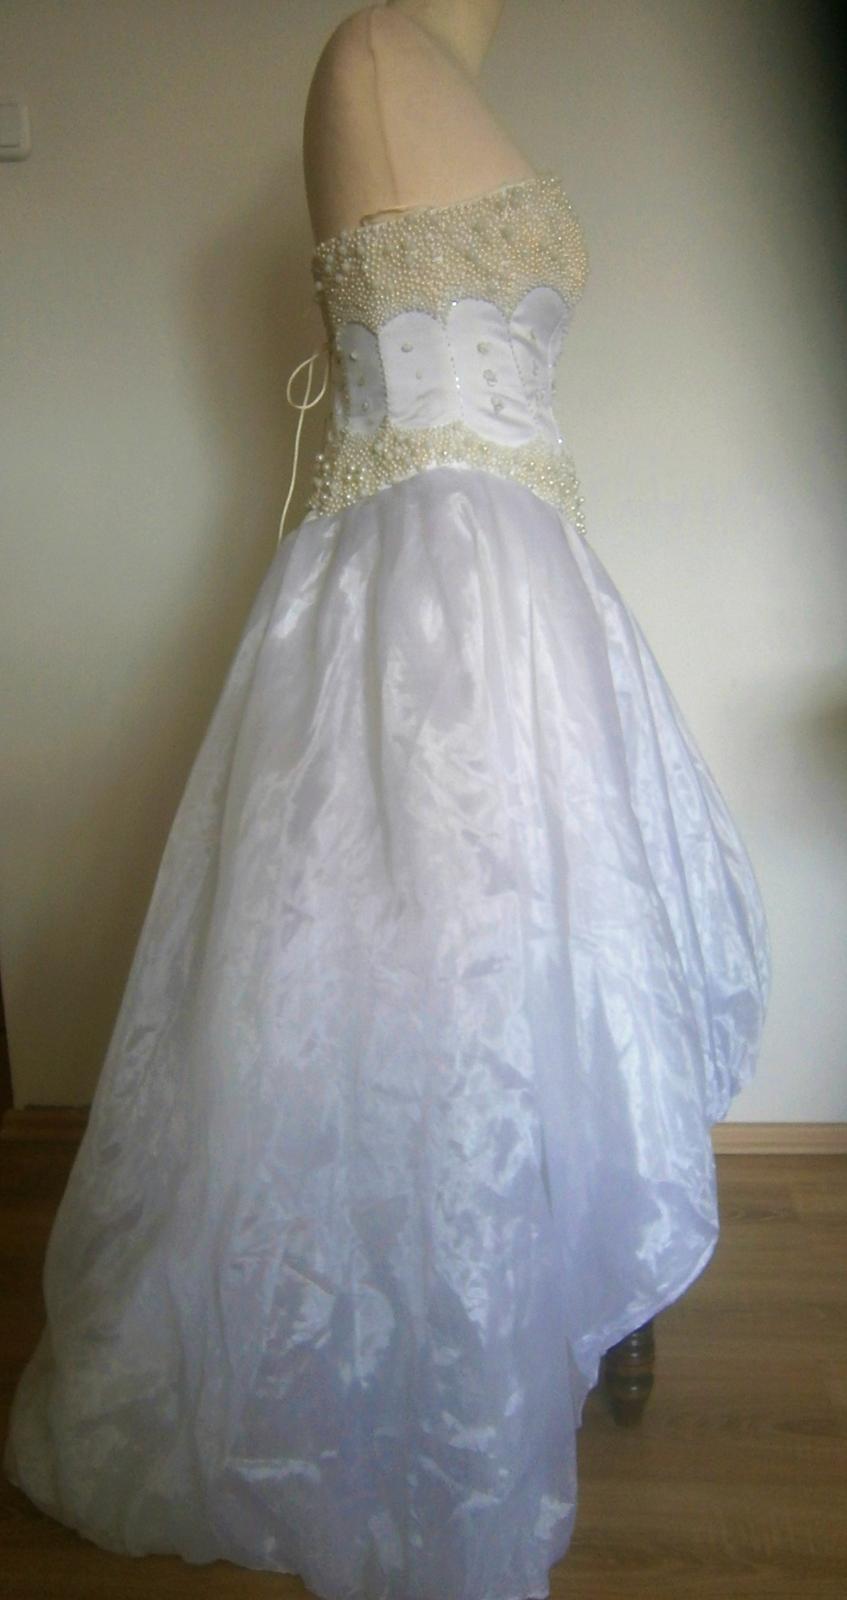 asymetrické šaty s perličkama vel. - Obrázek č. 1